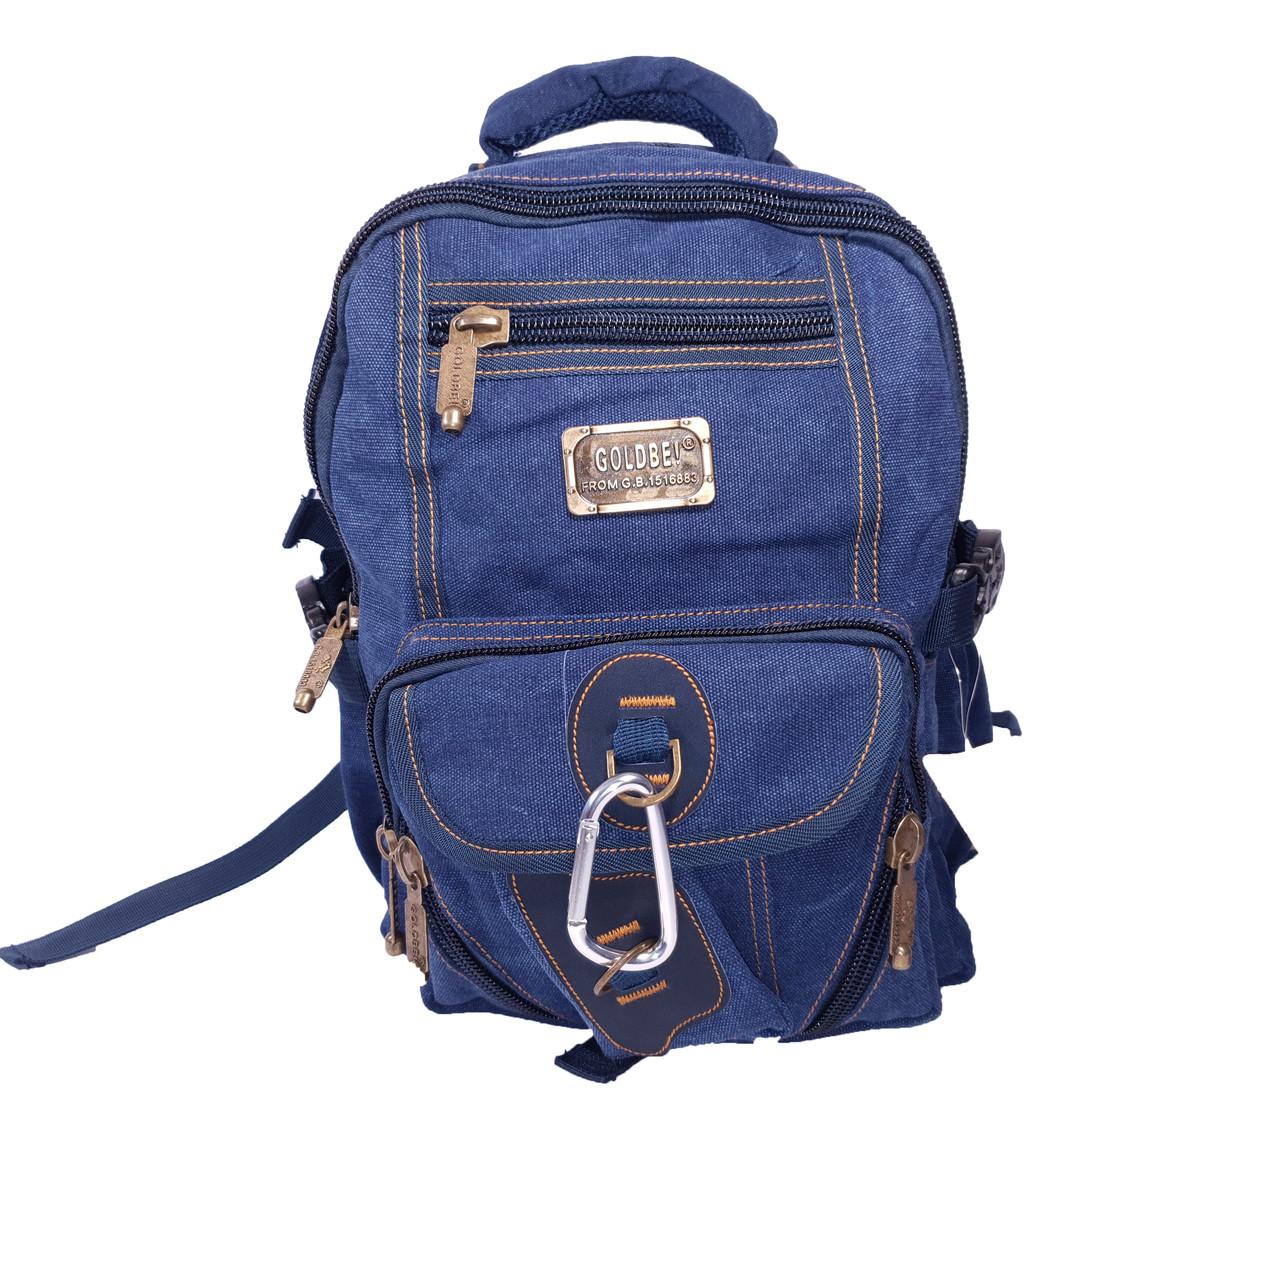 Брезентовый(джинсовый) малый рюкзак GoldBe!